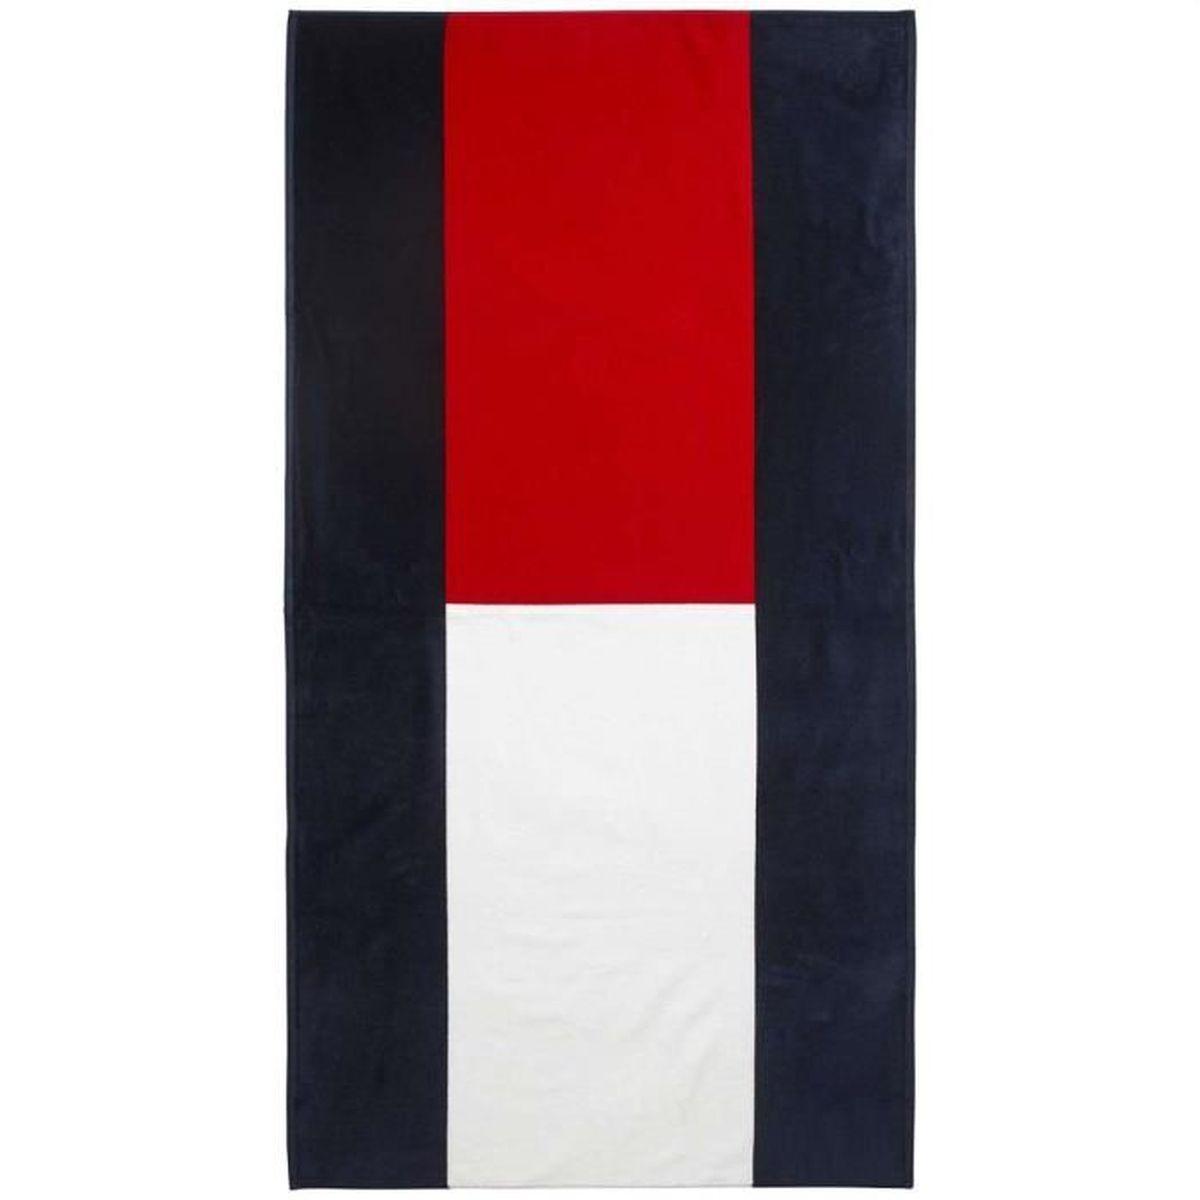 tommy hilfiger drap de plage unisexe multicolor uni achat vente serviette de plage les. Black Bedroom Furniture Sets. Home Design Ideas